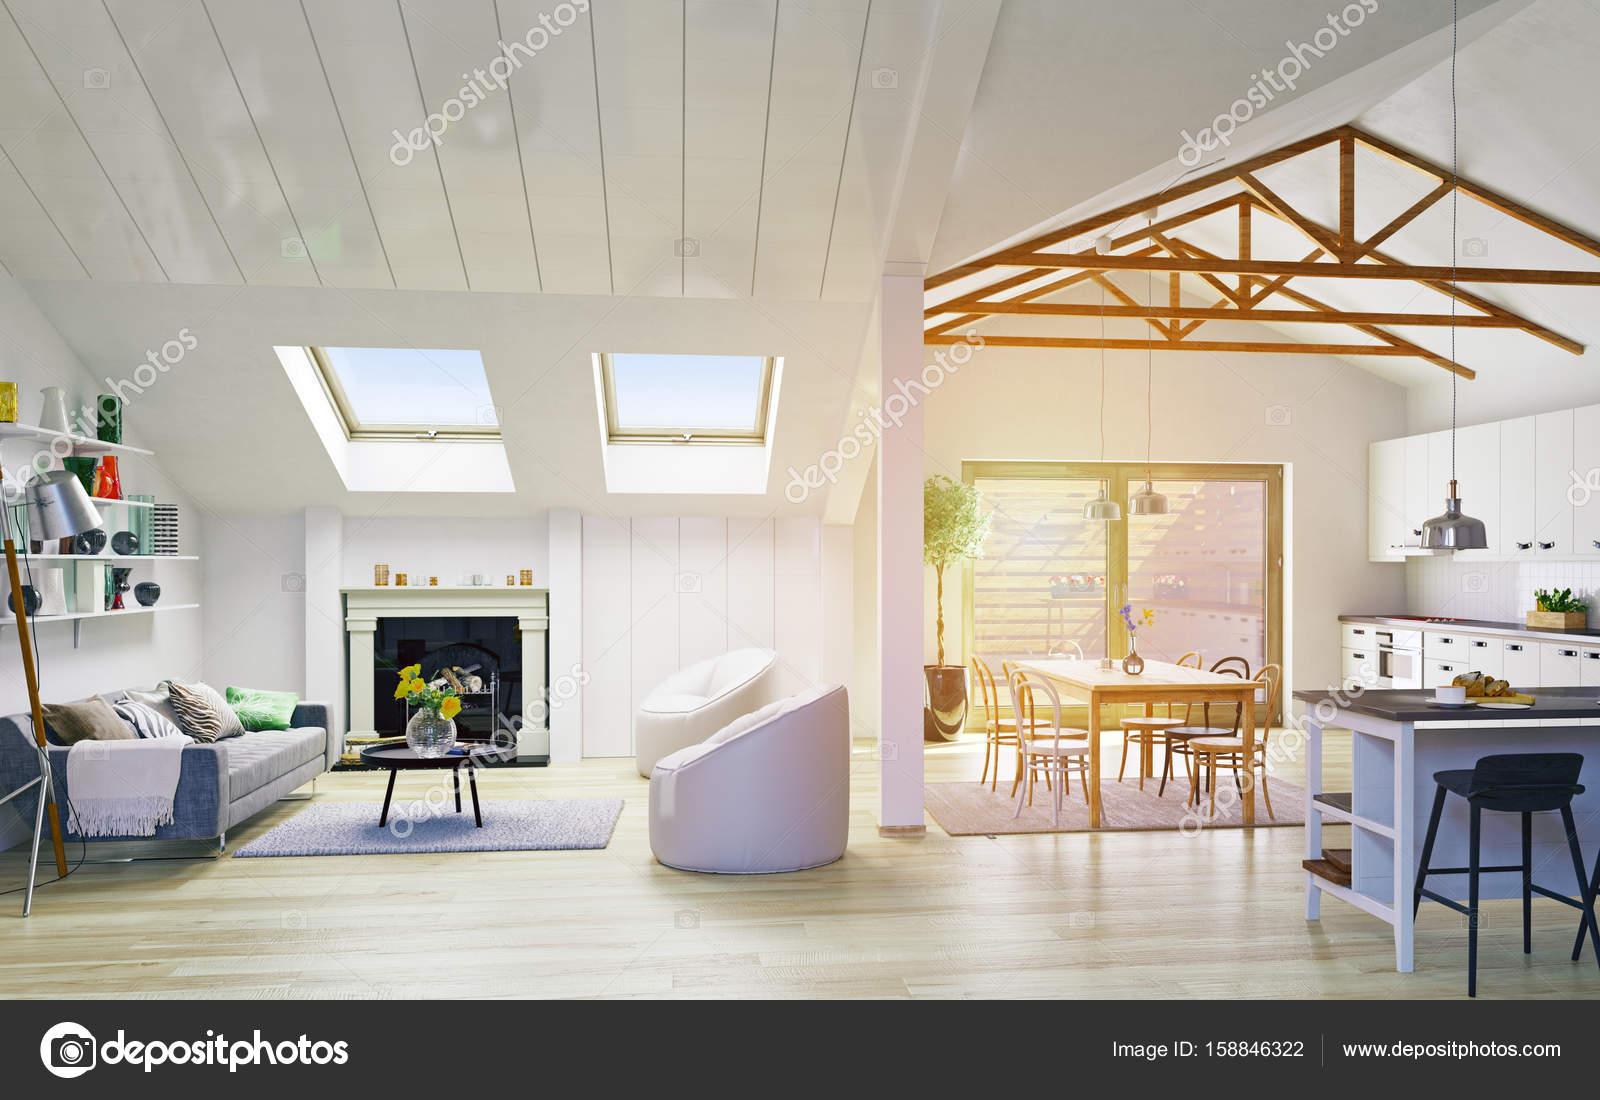 Conception De L Etage Attique Photographie Vicnt2815 C 158846322